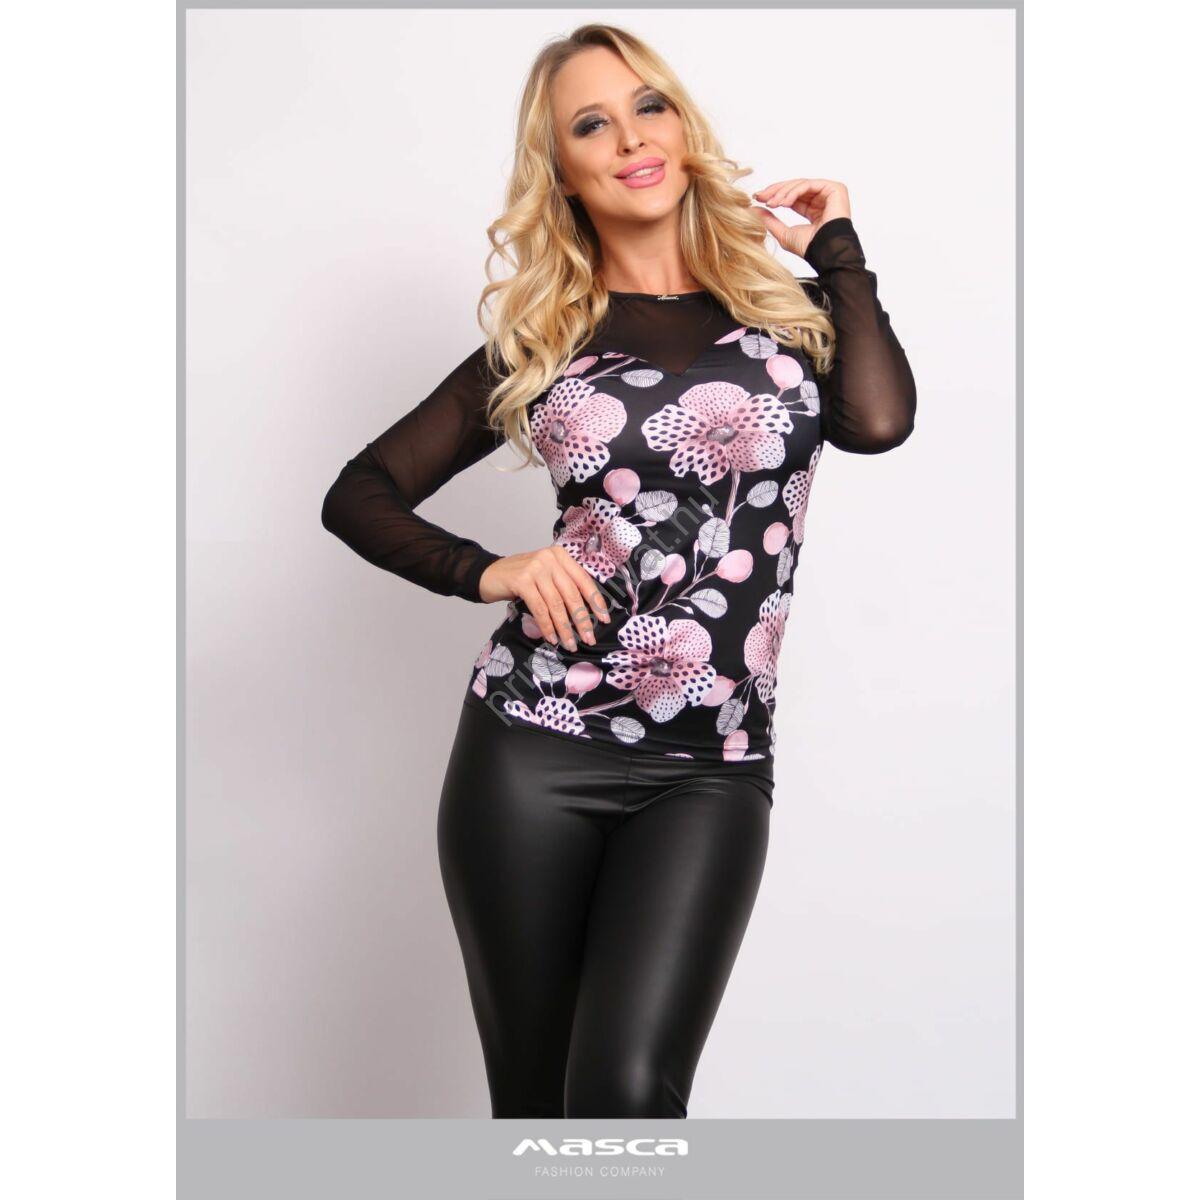 Masca Fashion rugalmas muszlin hosszú ujjú, orgonalila virágmintás fekete szűk felső